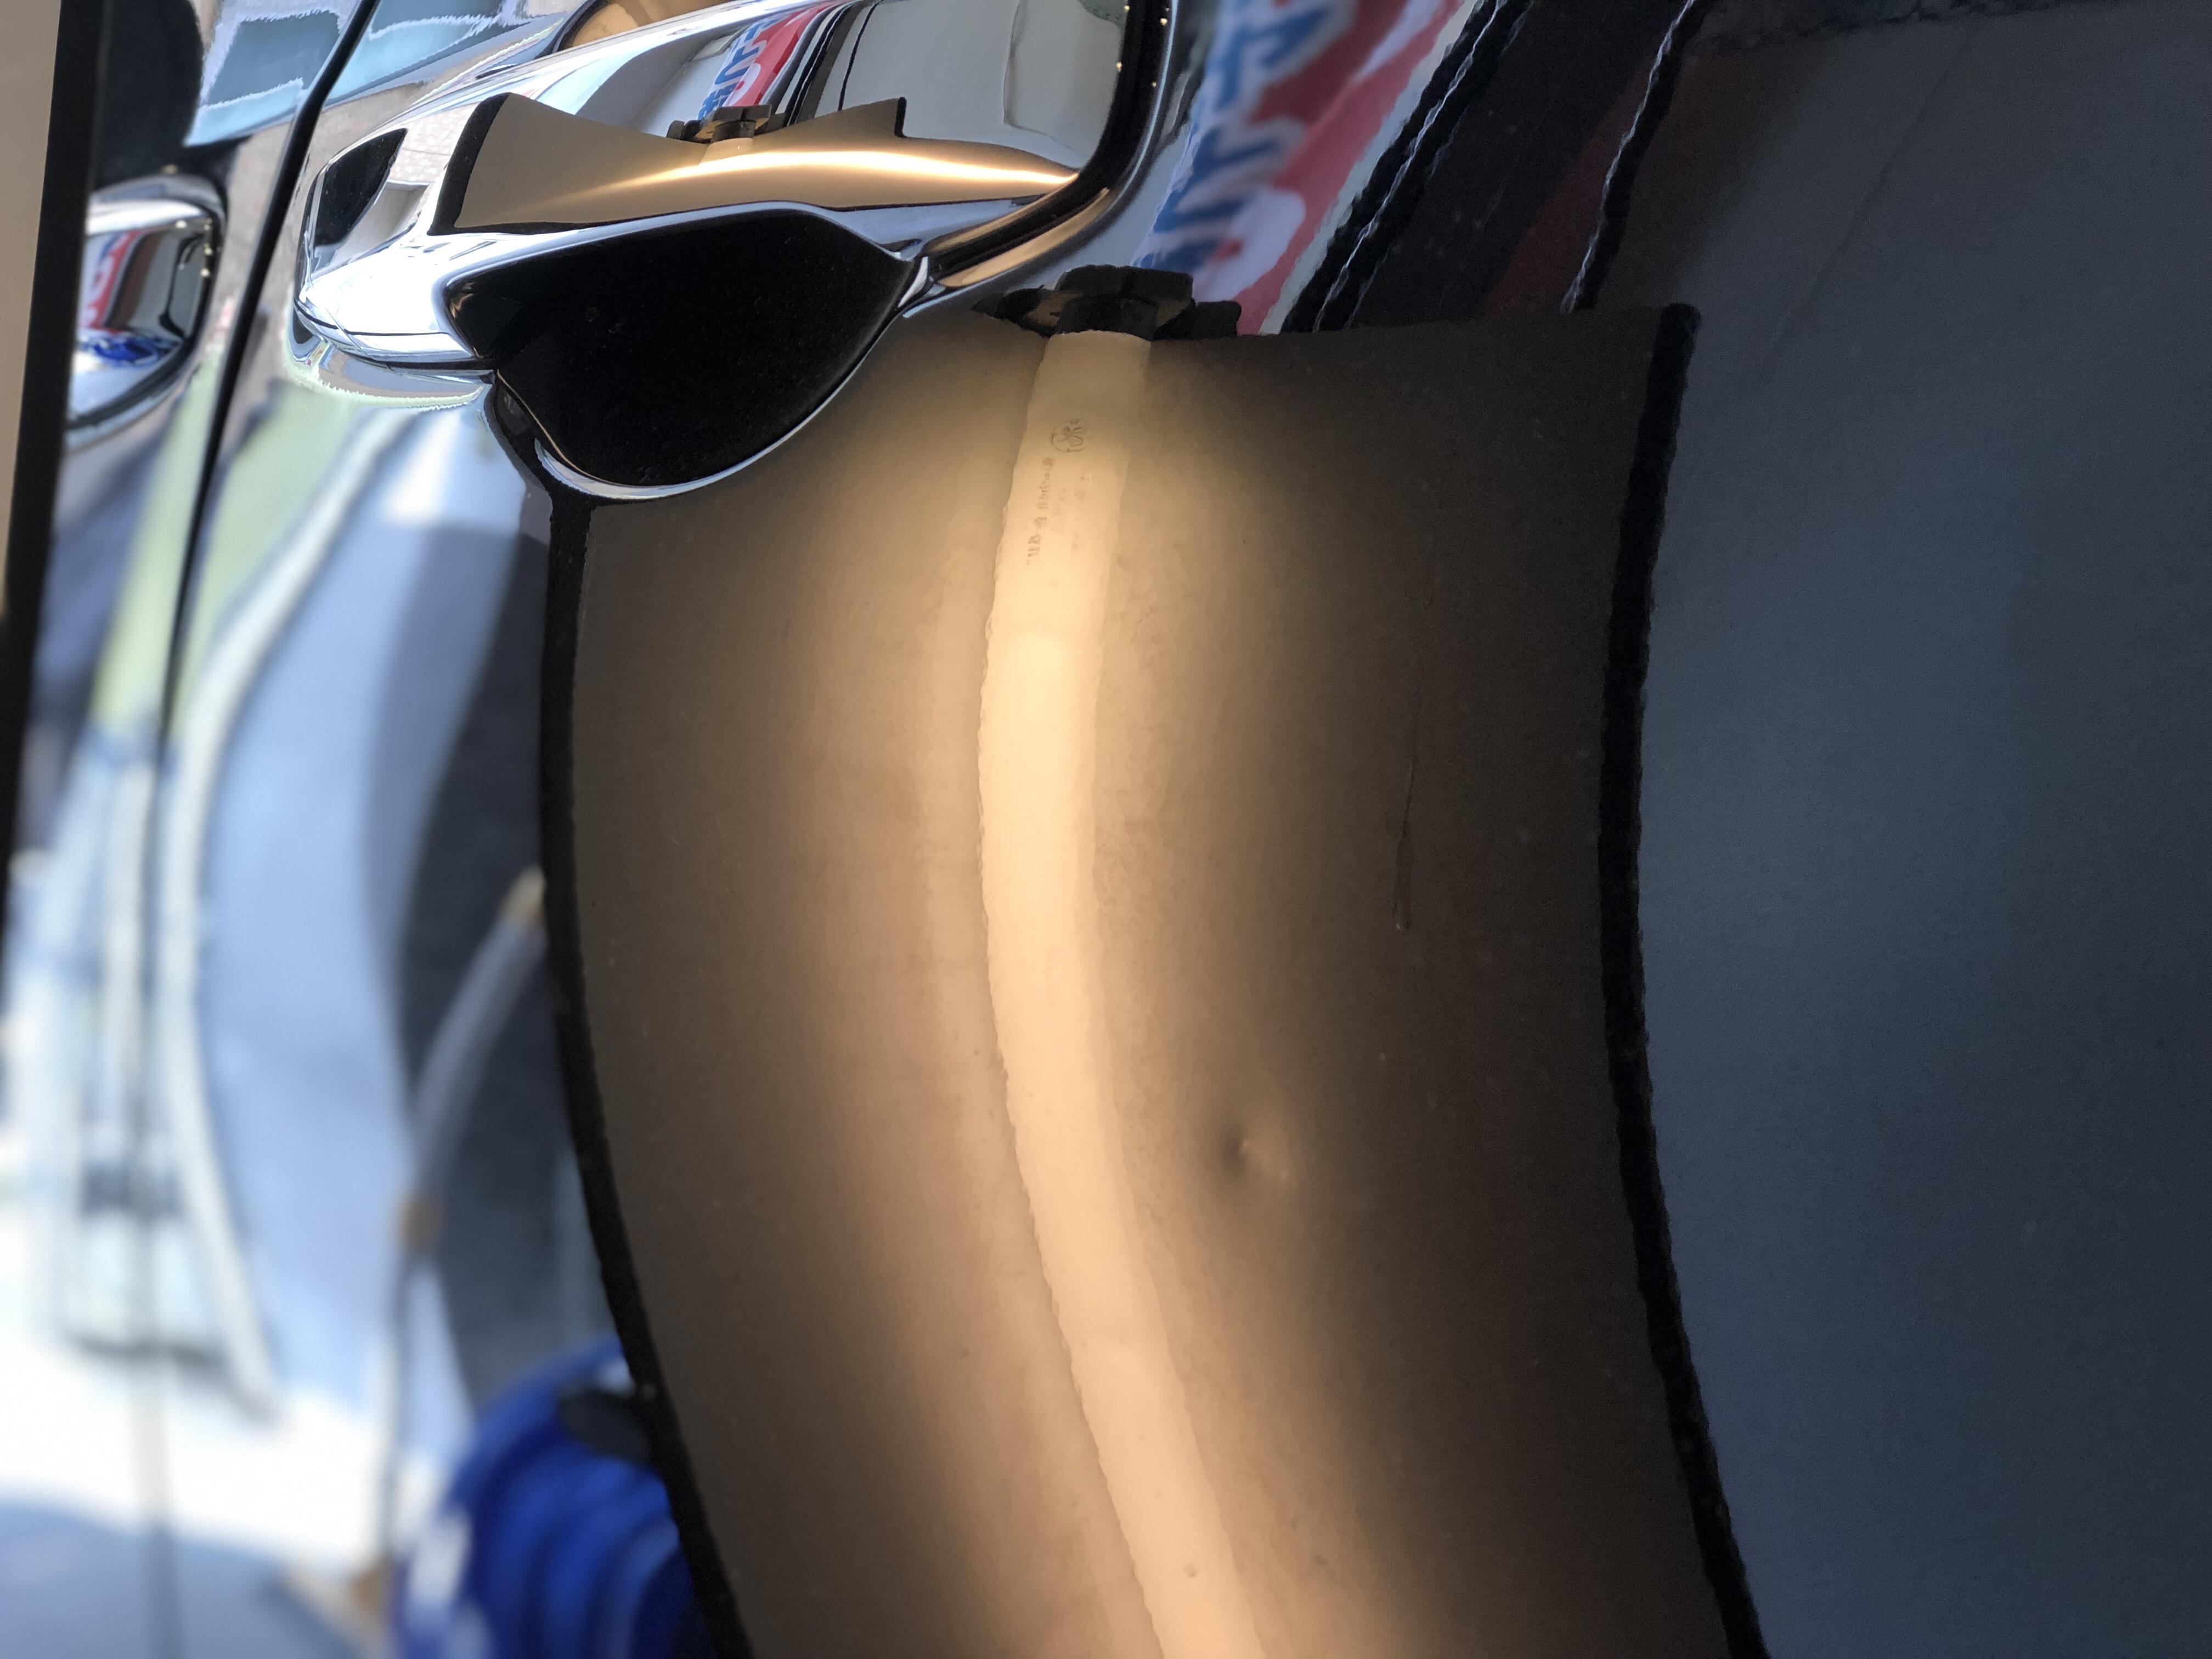 ドアパンチによる凹み